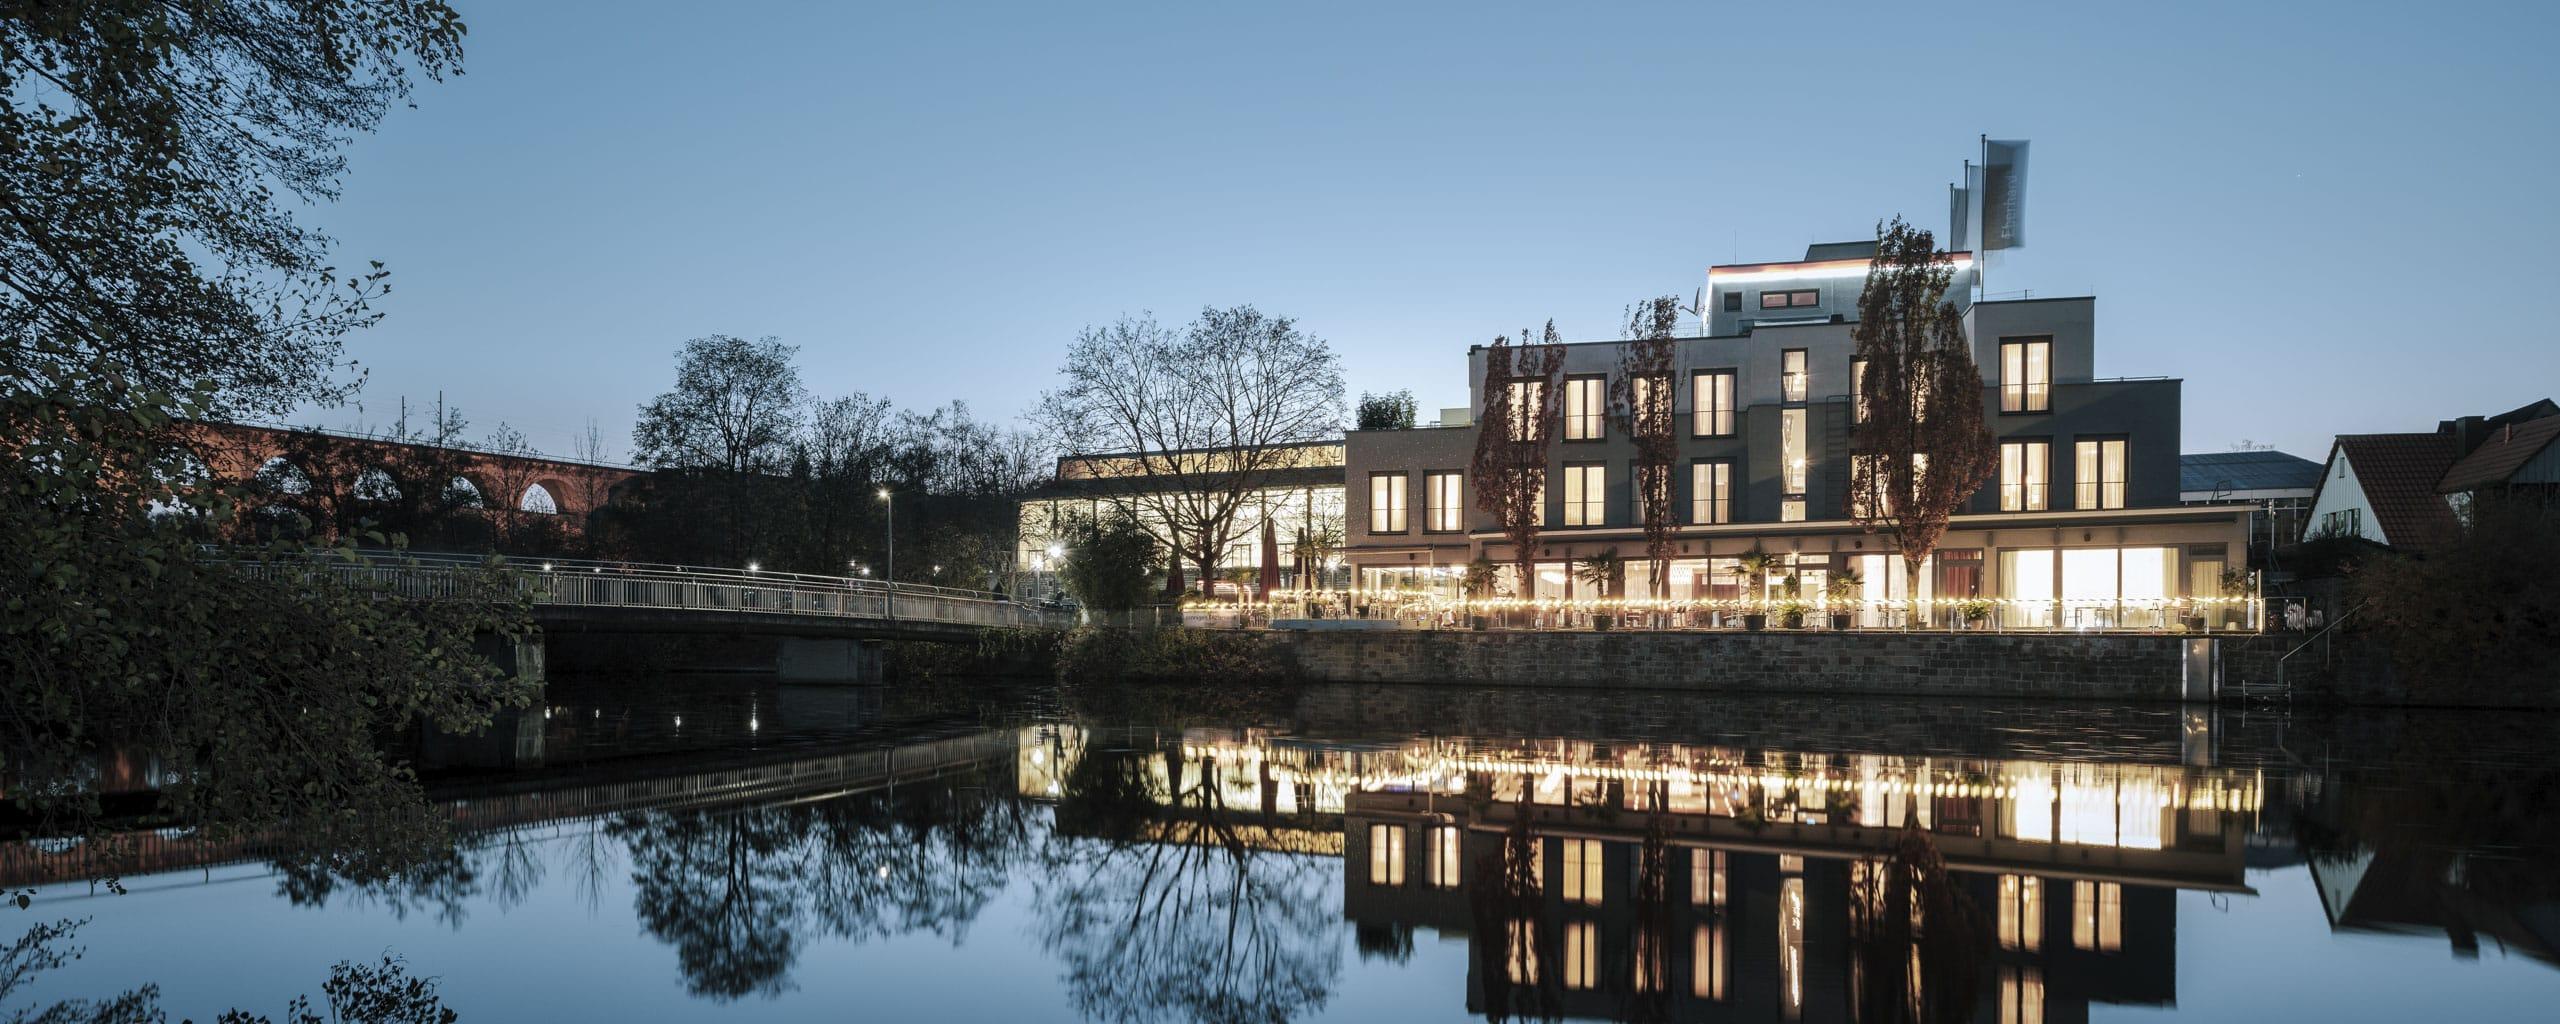 Architektur- und Hotelfotografie in Bietigheim-Bissingen, Kreis Ludwigsburg, Raum Stuttgart, Baden-Württemberg, Süddeutschland